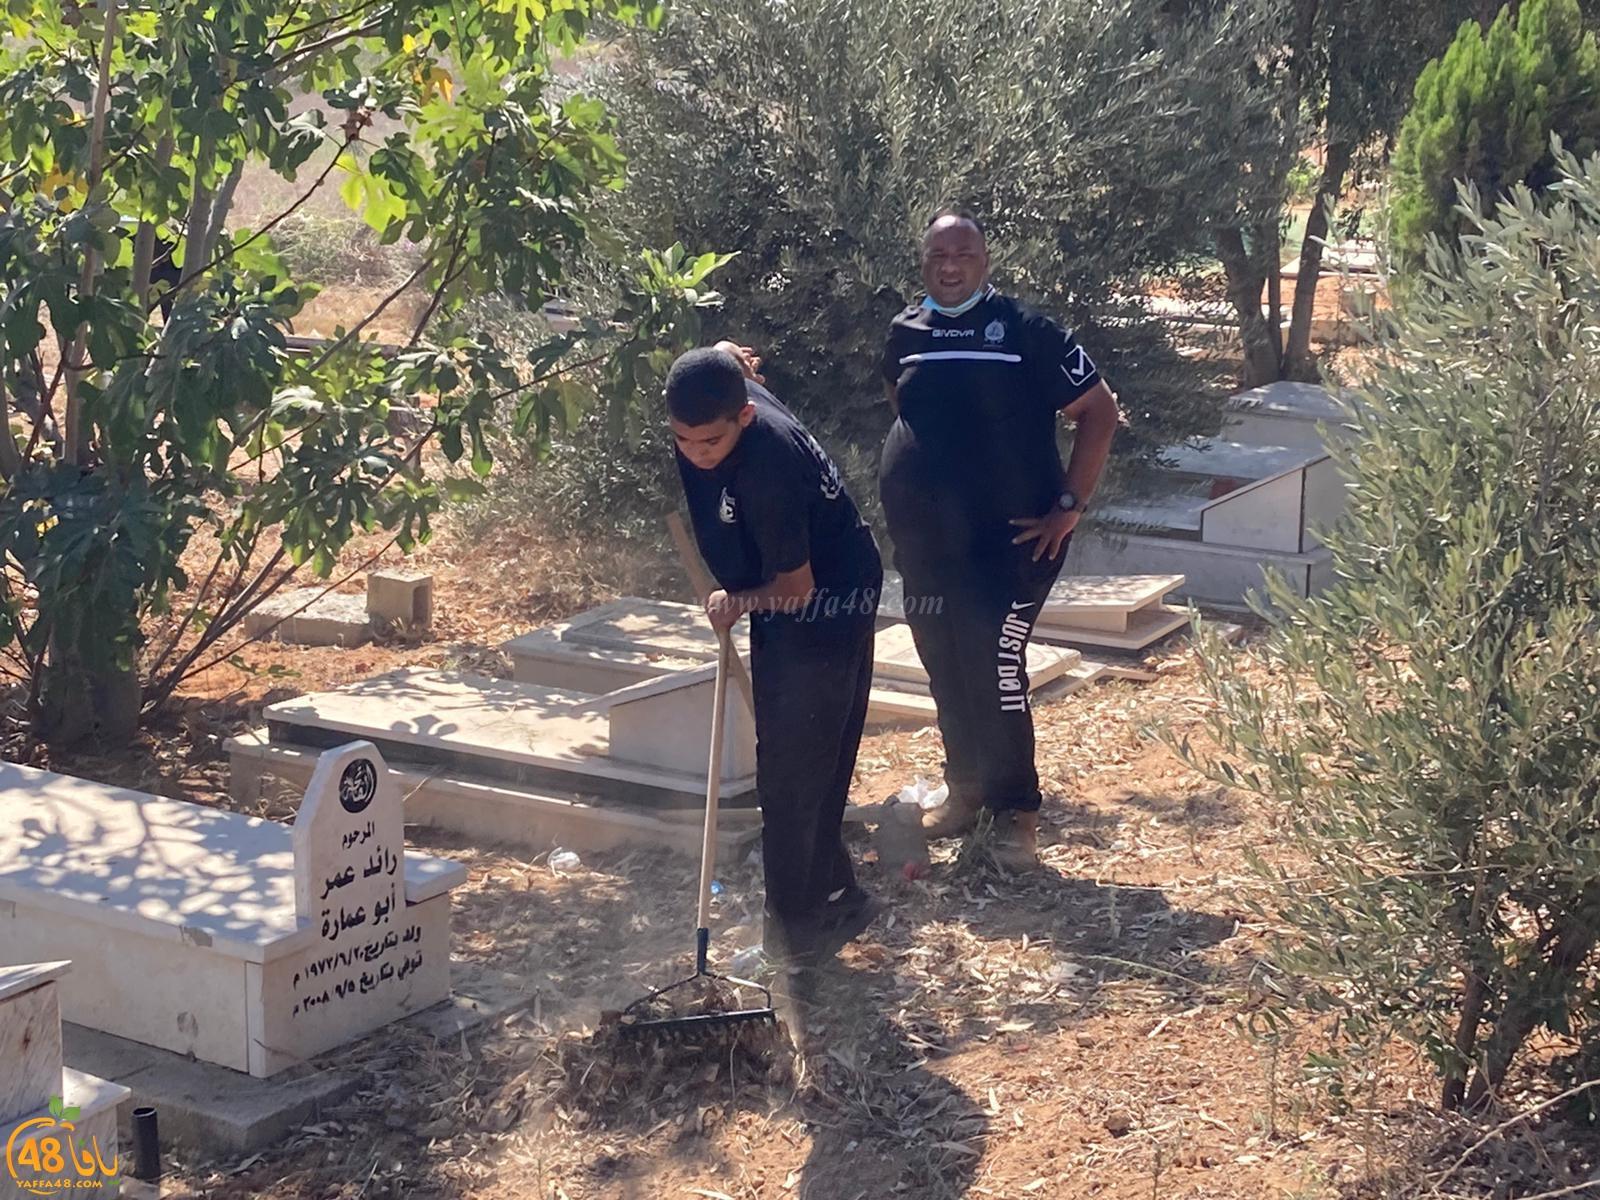 فيديو: استمرار الأعمال بمعسكر صيانة وترميم مقبرة طاسو، ودعوات للمشاركة